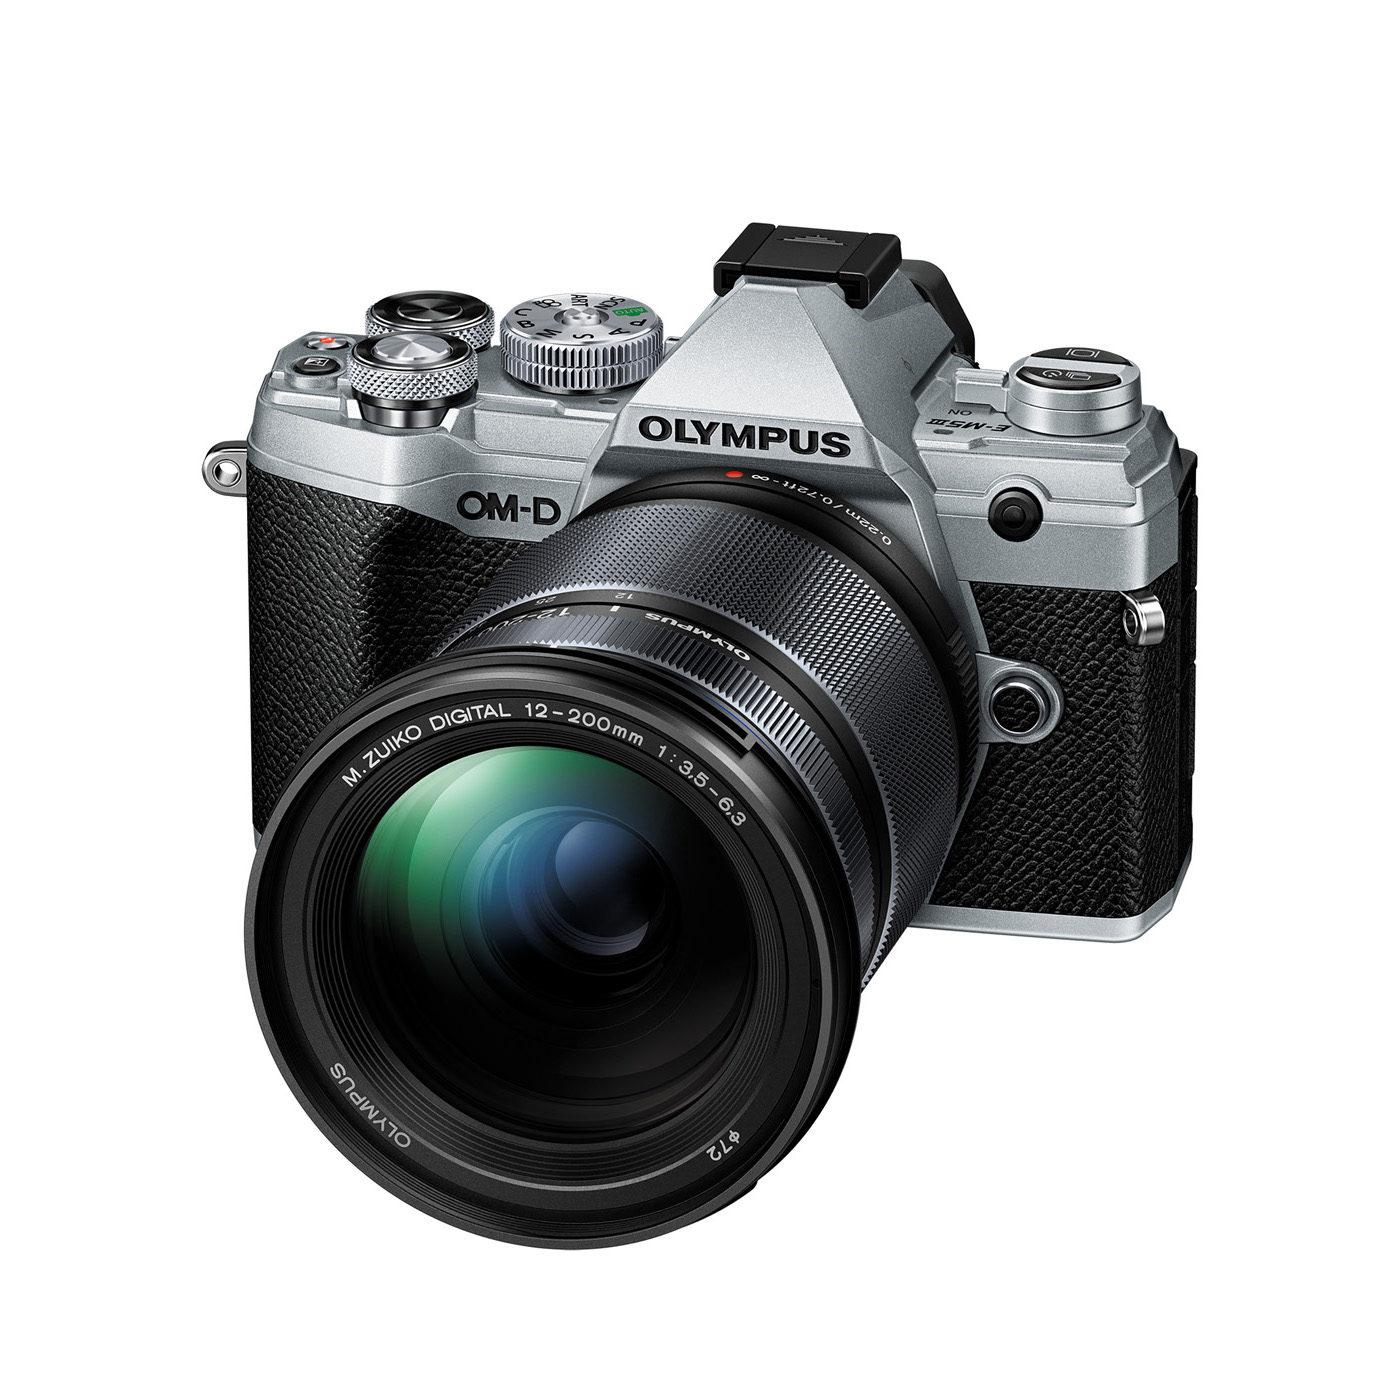 Olympus OM-D E-M5 Mark III systeemcamera Zilver + 12-200mm Zwart <br/>€ 1799.00 <br/> <a href='https://www.cameranu.nl/fotografie/?tt=12190_474631_241358_&r=https%3A%2F%2Fwww.cameranu.nl%2Fnl%2Fp3130137%2Folympus-om-d-e-m5-mark-iii-systeemcamera-zilver-12-200mm-zwart%3Fchannable%3De10841.MzEzMDEzNw%26utm_campaign%3D%26utm_content%3DOM-D%2Bserie%26utm_source%3DTradetracker%26utm_medium%3Dcpc%26utm_term%3DDigitale%2Bcamera%26apos%3Bs' target='_blank'>naar de winkel</a>